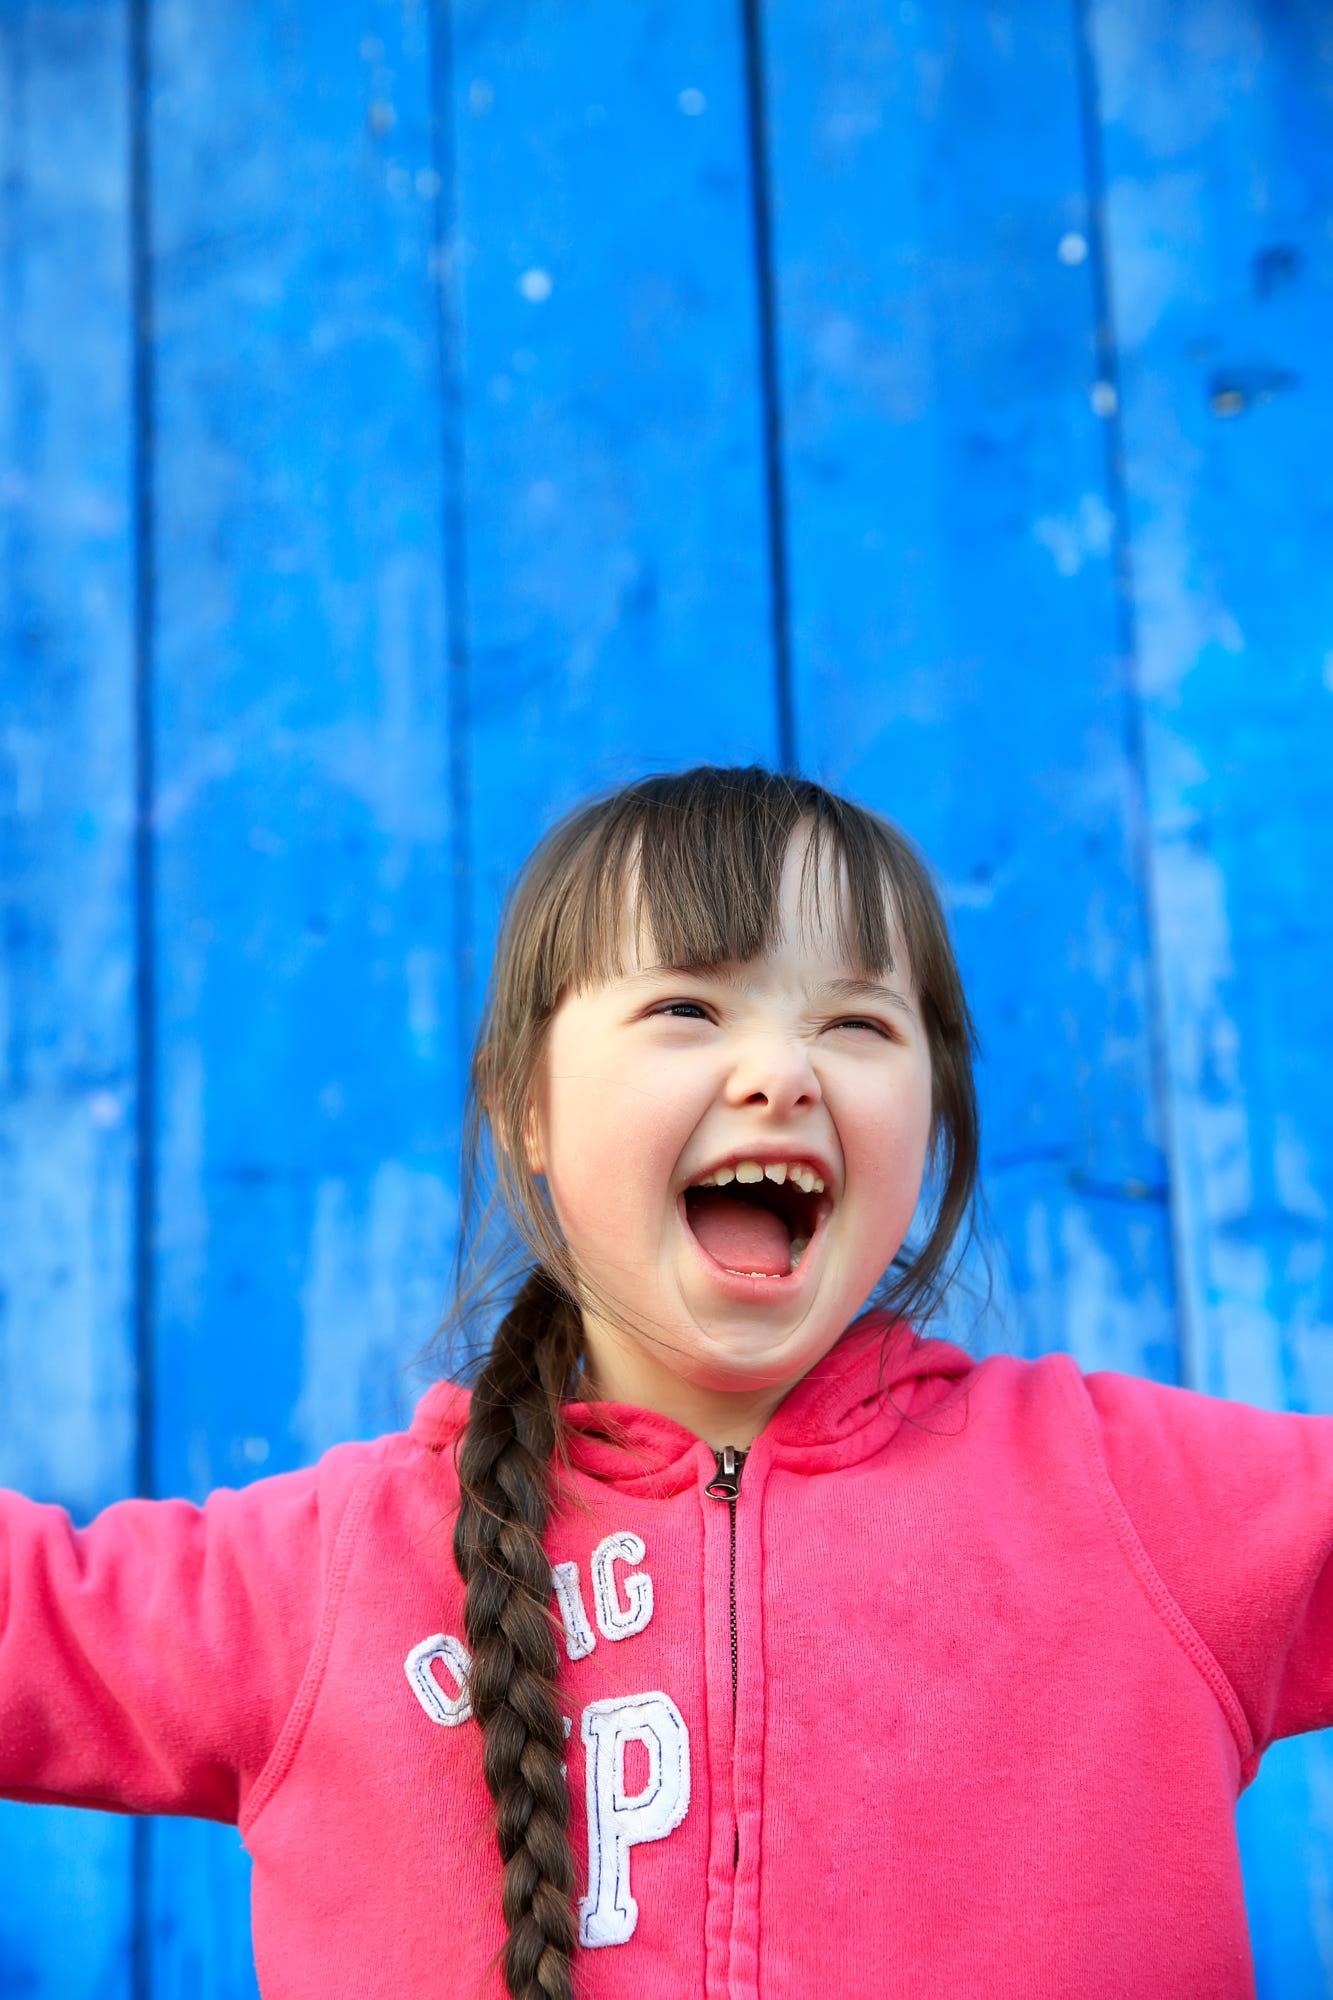 Otizmli çocuklarda olası belirtiler, İLK EVİN - Özel Eğitim ve Rehabilitasyon Merkezi